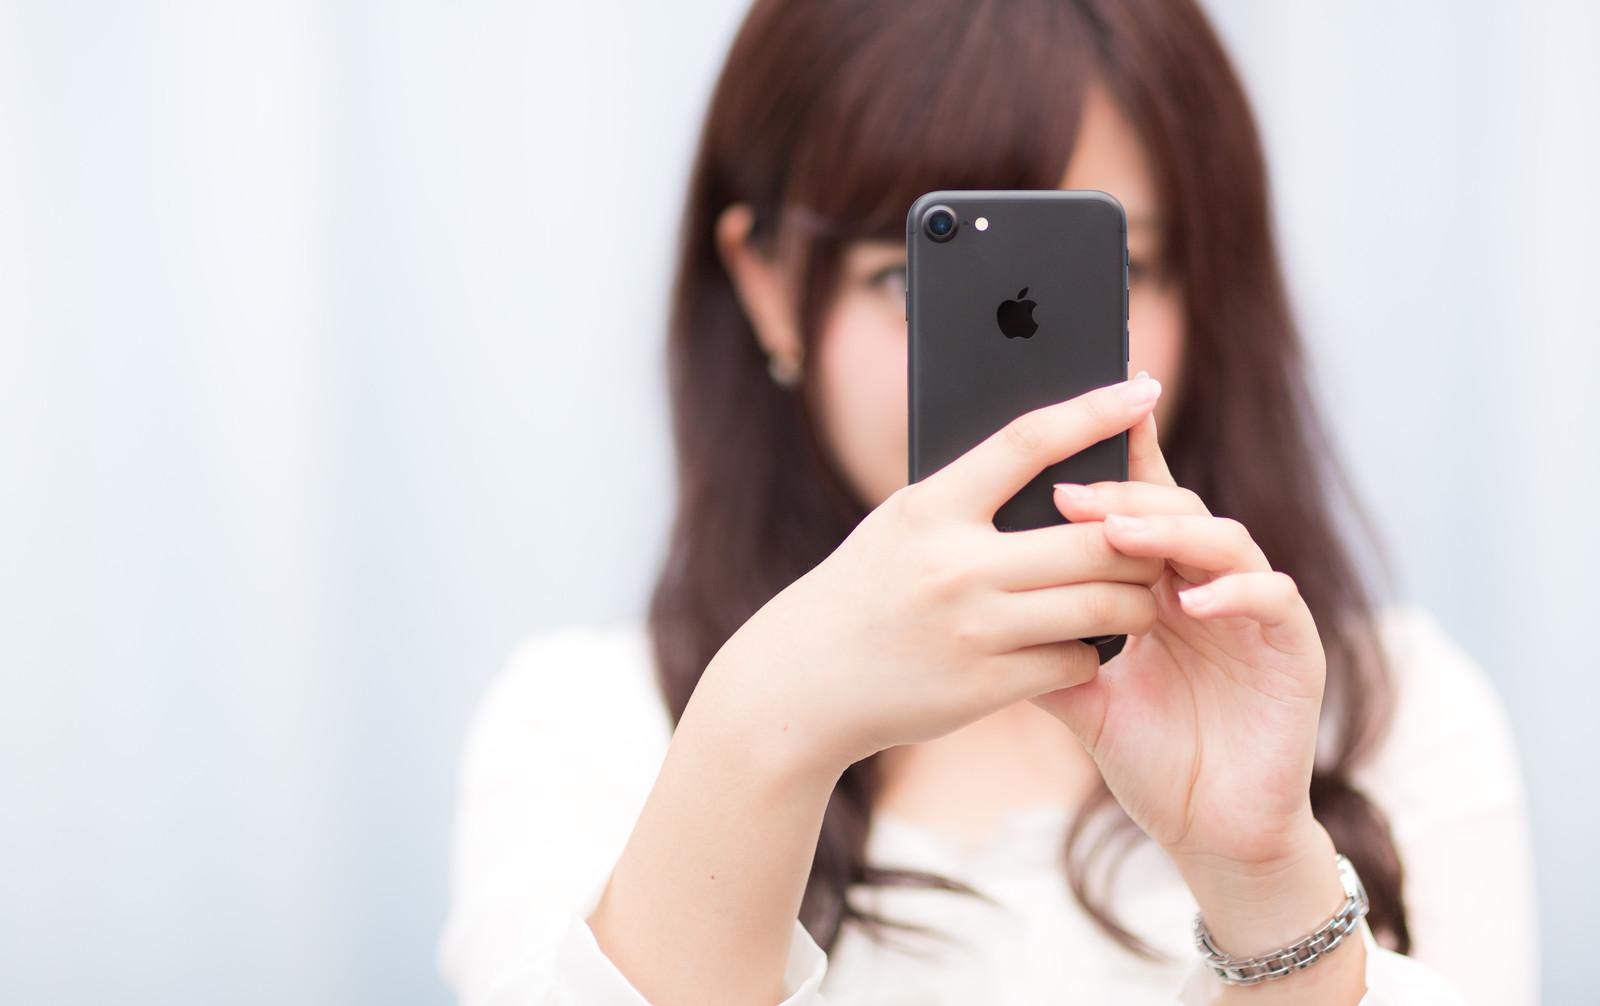 マットブラックカラーのスマートフォンを操作する女性